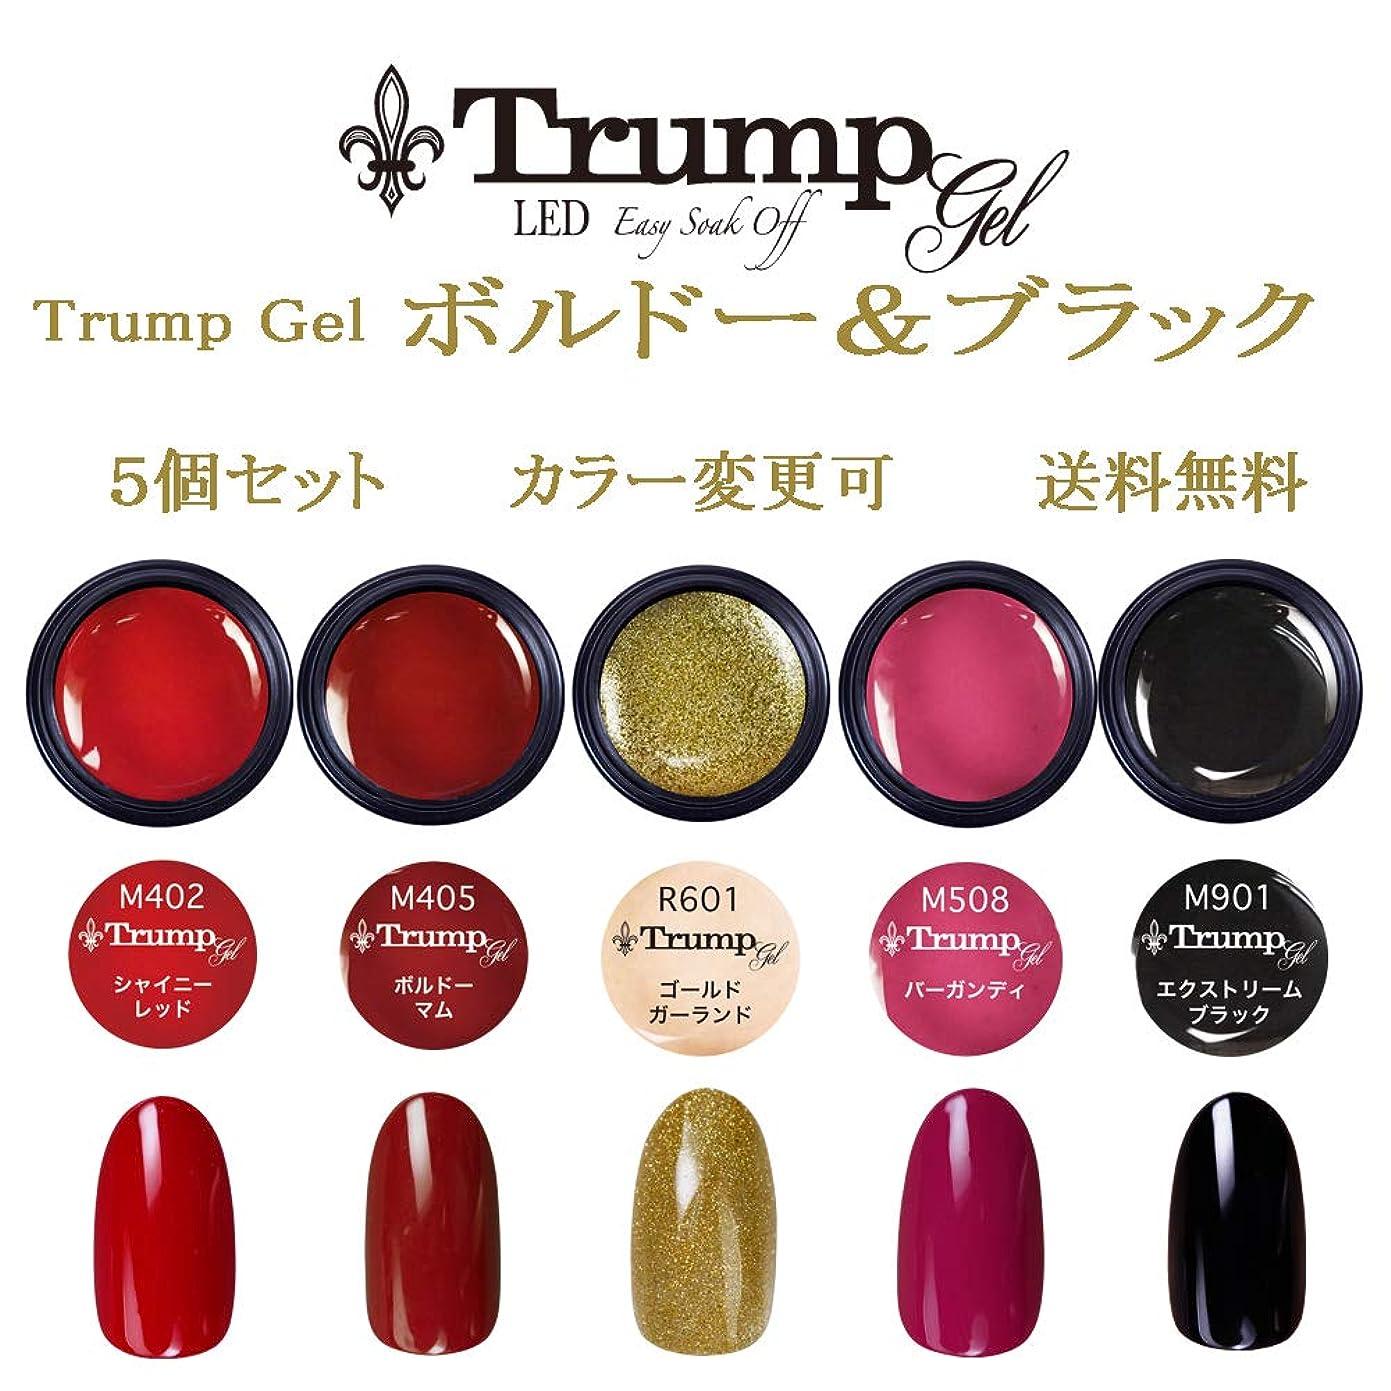 装備するすり減るシーボード日本製 Trump gel トランプジェル ボルドー & ブラック ネイル 選べる カラージェル 5個セット ワイン ボルドー ゴールド パープル ブラック